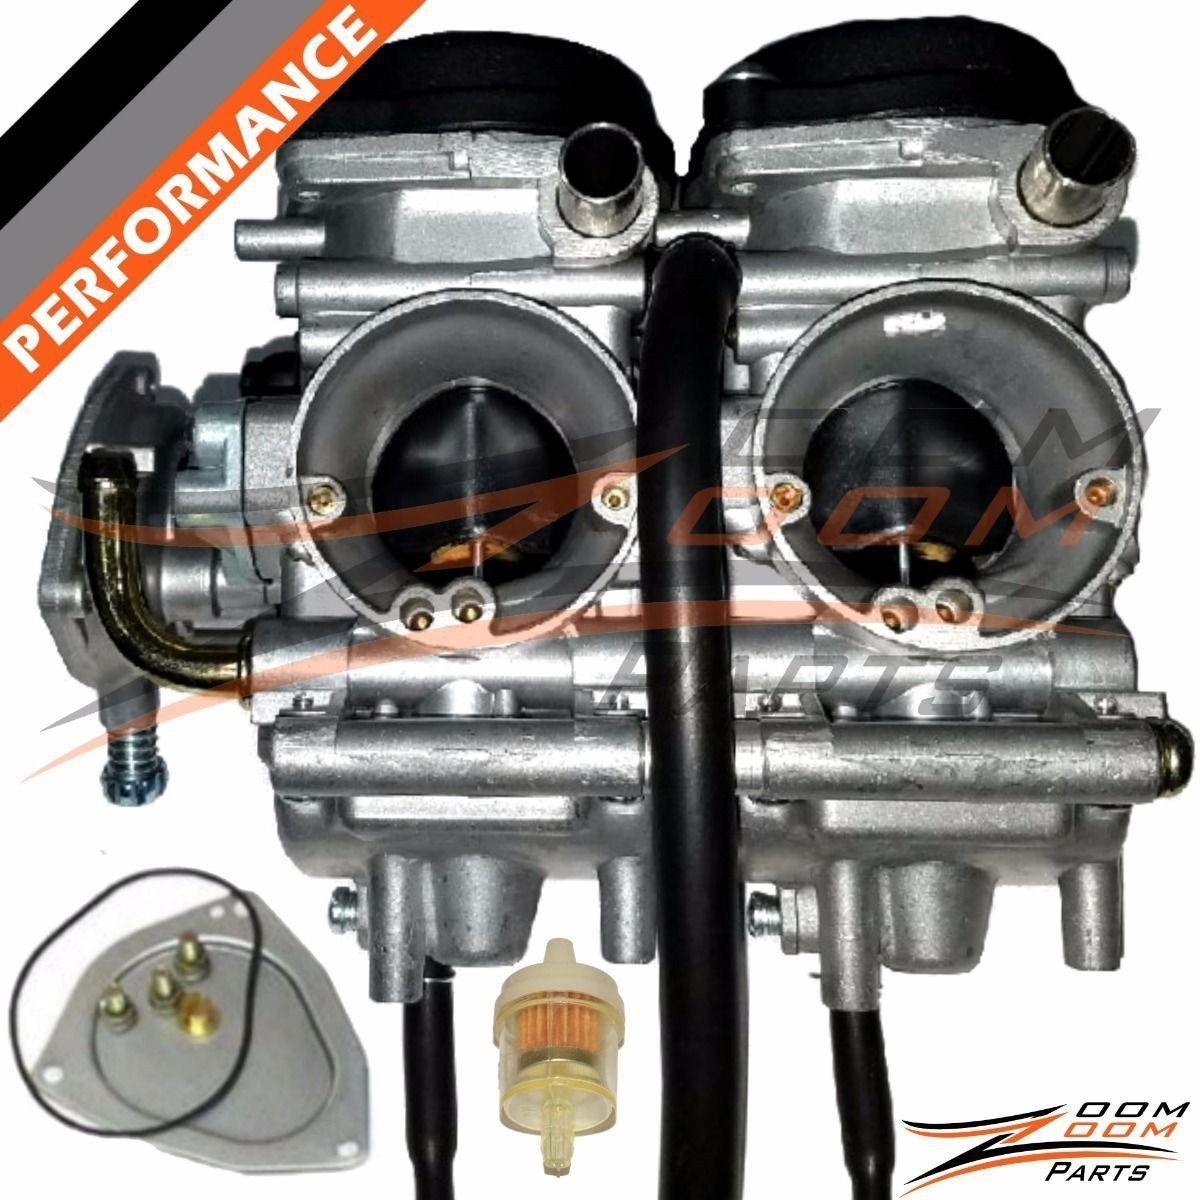 Performance Carburetor Yamaha Raptor 660 660r Yfm660 Yfm 660 660r 01 05 Carb Zoom Zoom Parts Carburetor Yamaha Raptor